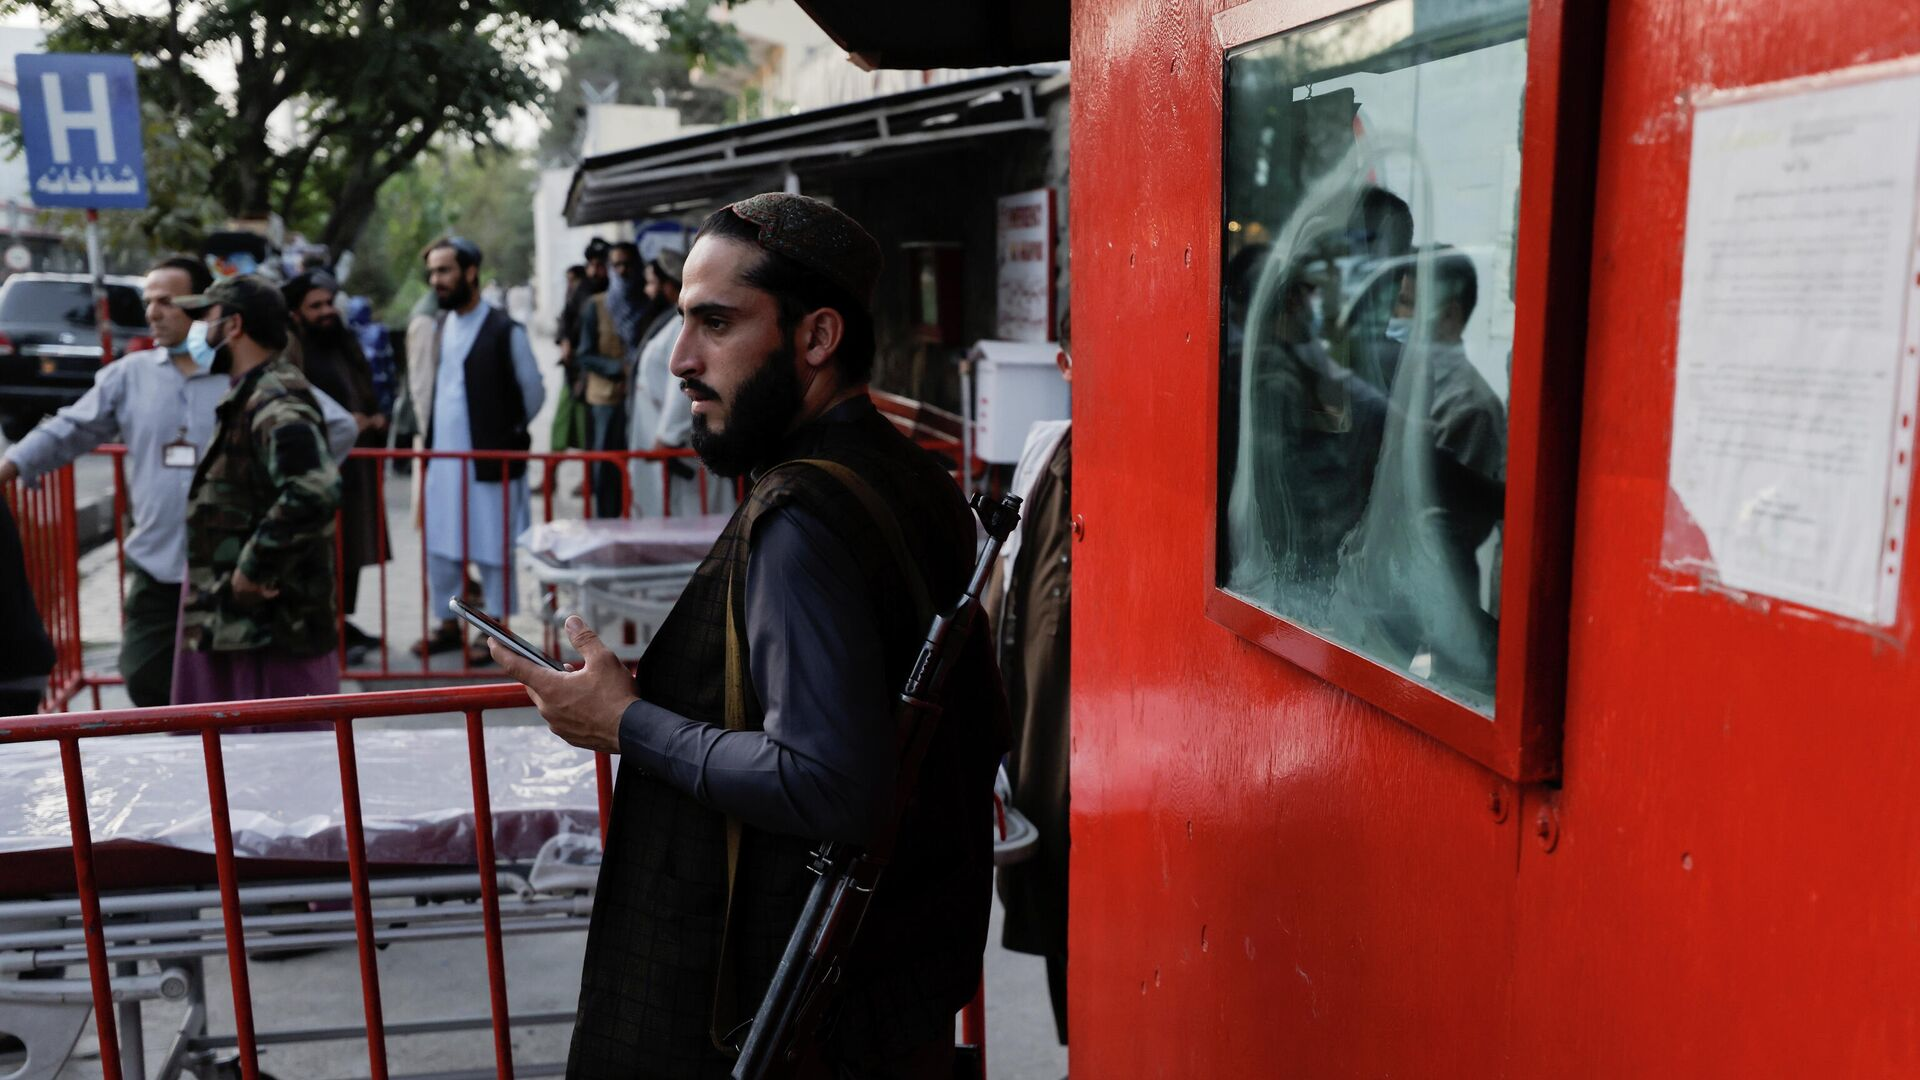 Боец Талибана* возле больницы скорой помощи, куда должны привезти пострадавших от взрыва у мечети в Кабуле, Афганистан - РИА Новости, 1920, 14.10.2021